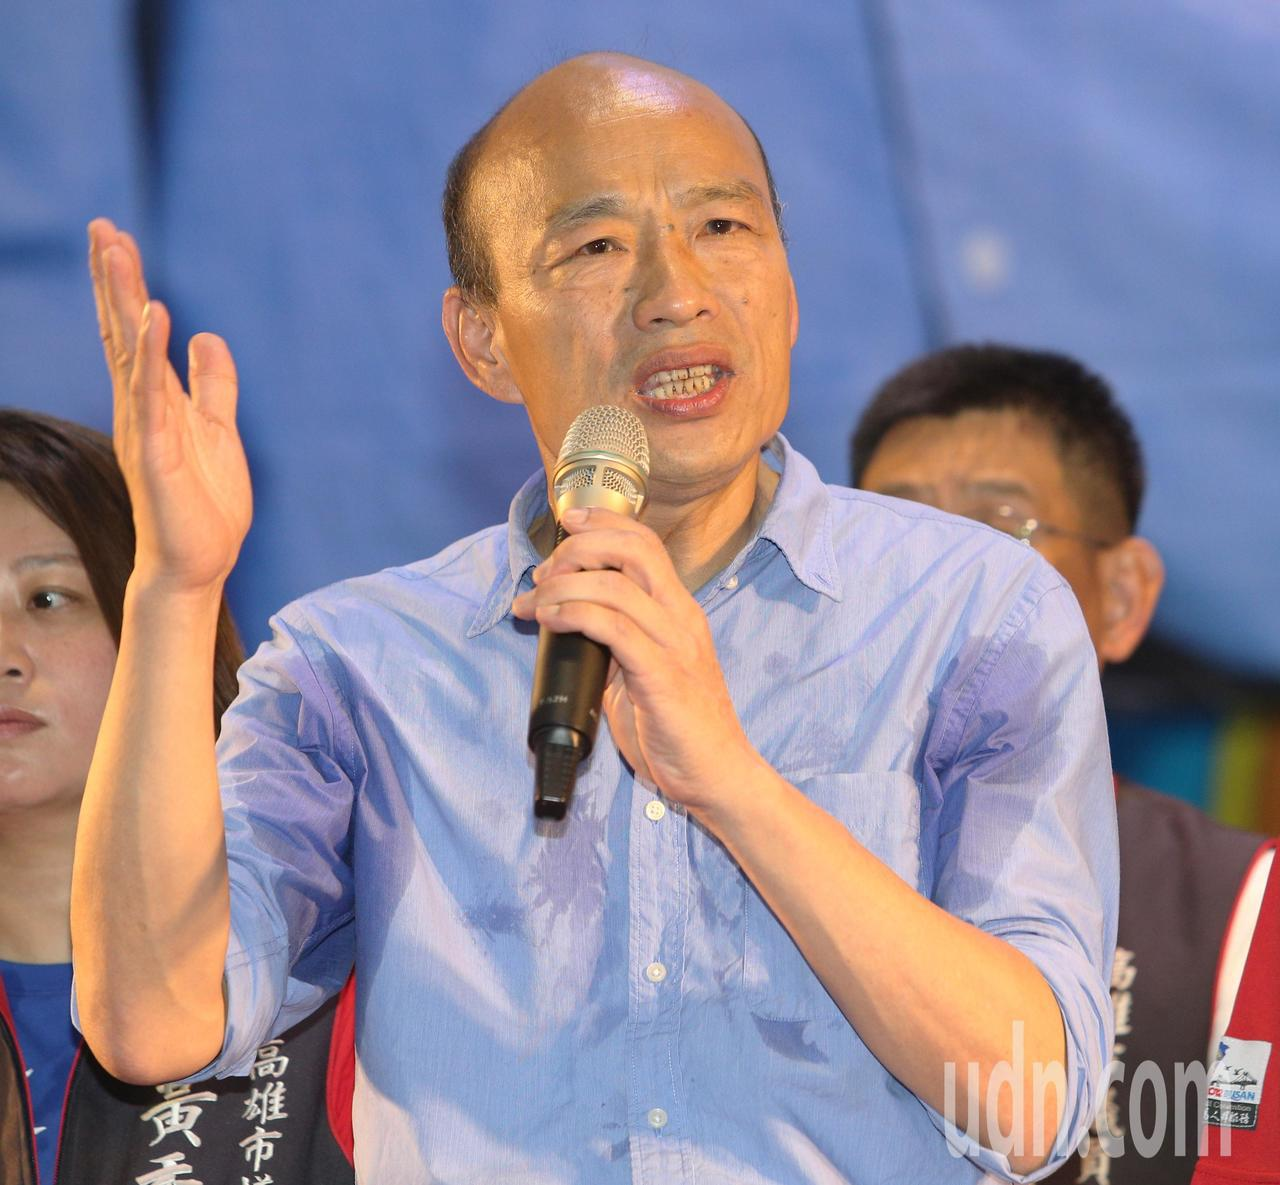 國民黨高雄市長參選人韓國瑜舉辦三民之友會成立活動,韓國瑜強調高雄一定要拼經濟才能...